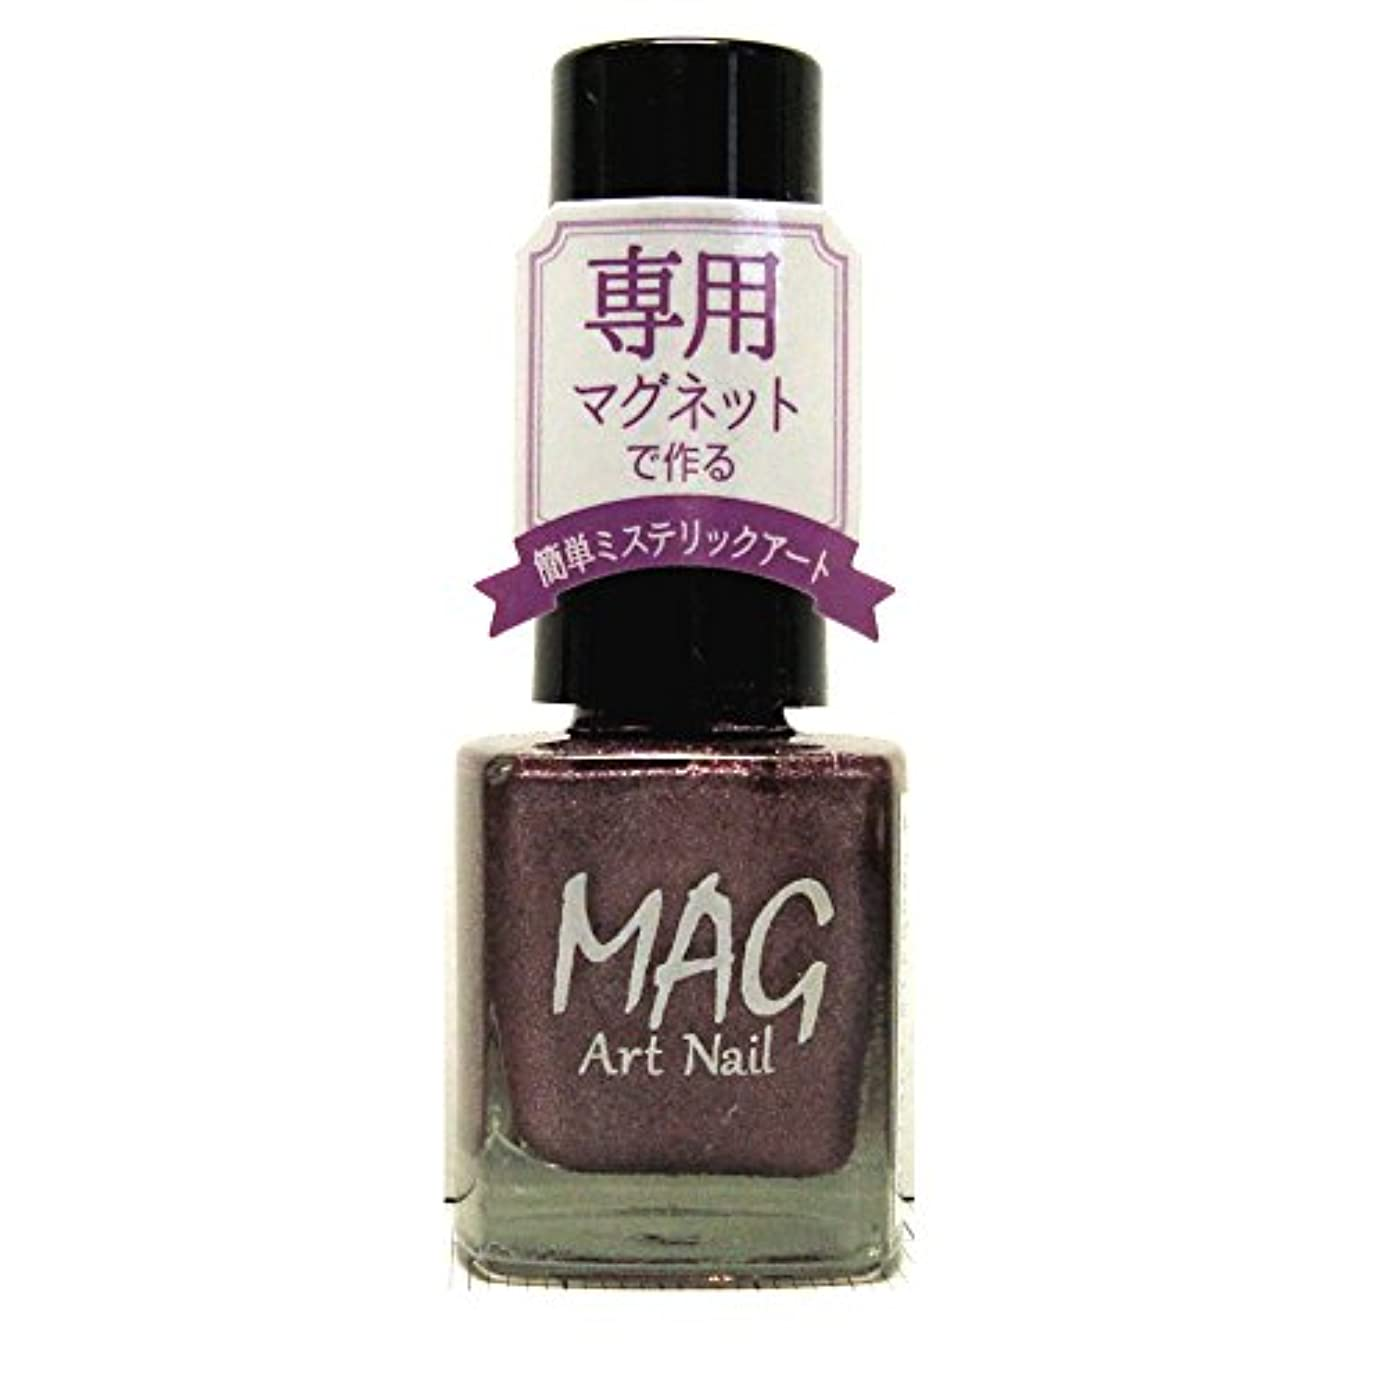 発表するファブリックギャザーTMマグアートネイル(爪化粧料) TMMA1606 グレースフルグレー